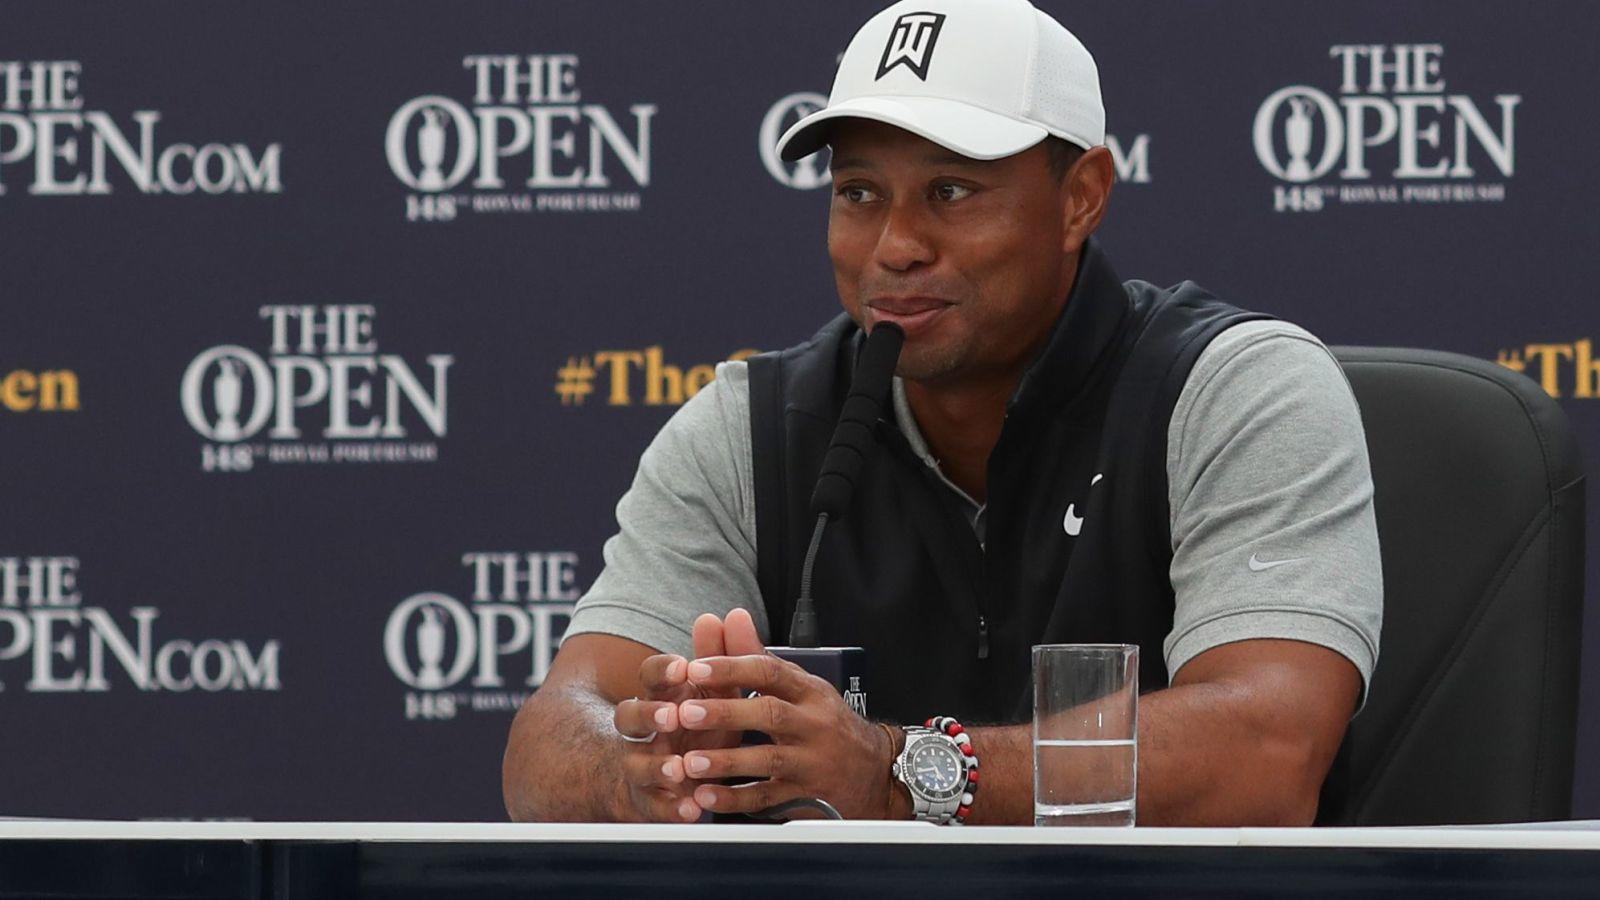 Ugyan Tiger Woods talán a legismertebb, egyúttal minden idők egyik legjobb golfjátékosa, a hírekbe nemcsak a pontos ütéseivel került be, hanem kicsapongó életvitelével is. A szexuális kilengései mellett ő is rabja lett a szerencsejátékoknak. Az egyik szeretője szerint egy-egy blackjack körben 25 ezer dollár volt a tét. Mivel köztudott volt, hogy szeret nagy tétekben játszani, Las Vegas-ban egymillió dolláros felső limitet kapott. (Dave Shopland/BPI/Shutterstock)